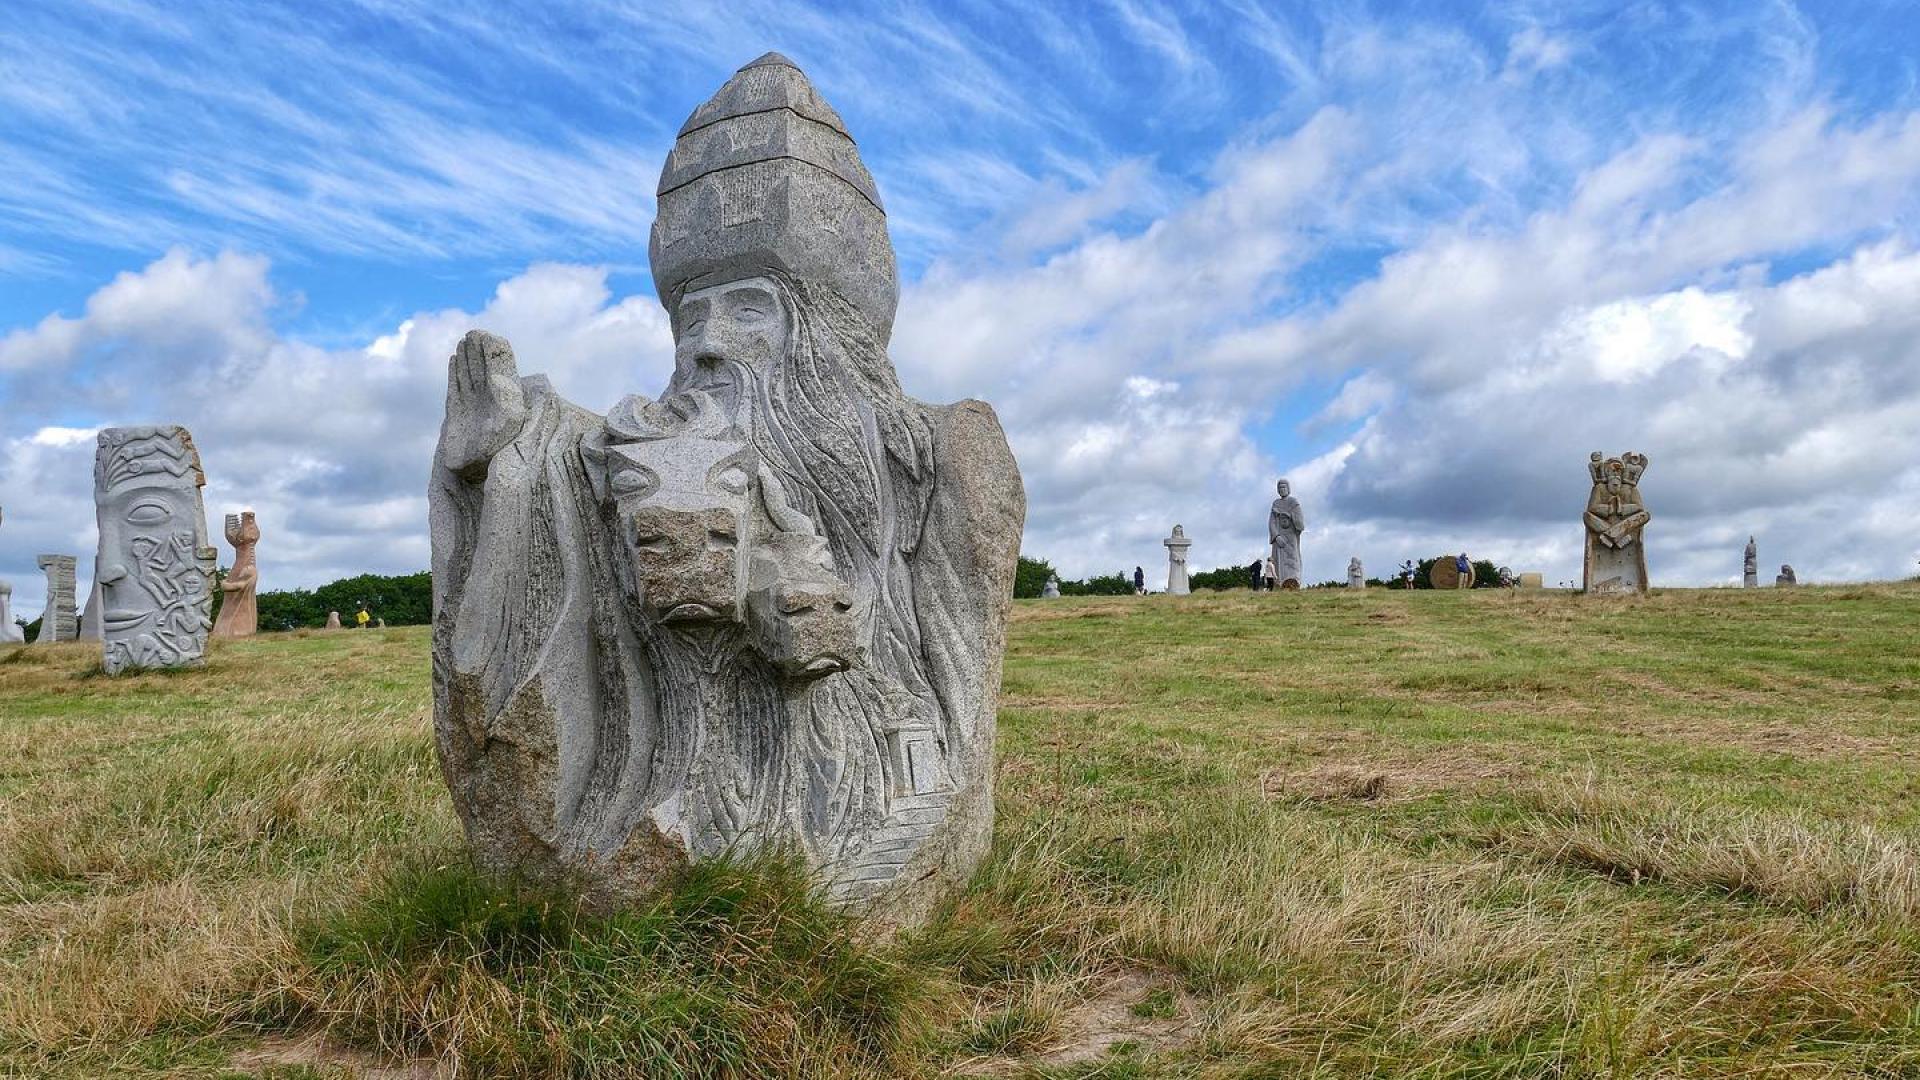 Statue de Saint-Cornély transformant les soldats qui le poursuivent en bloc de pierre, à La Vallée des Saints. Instagram #carnoet